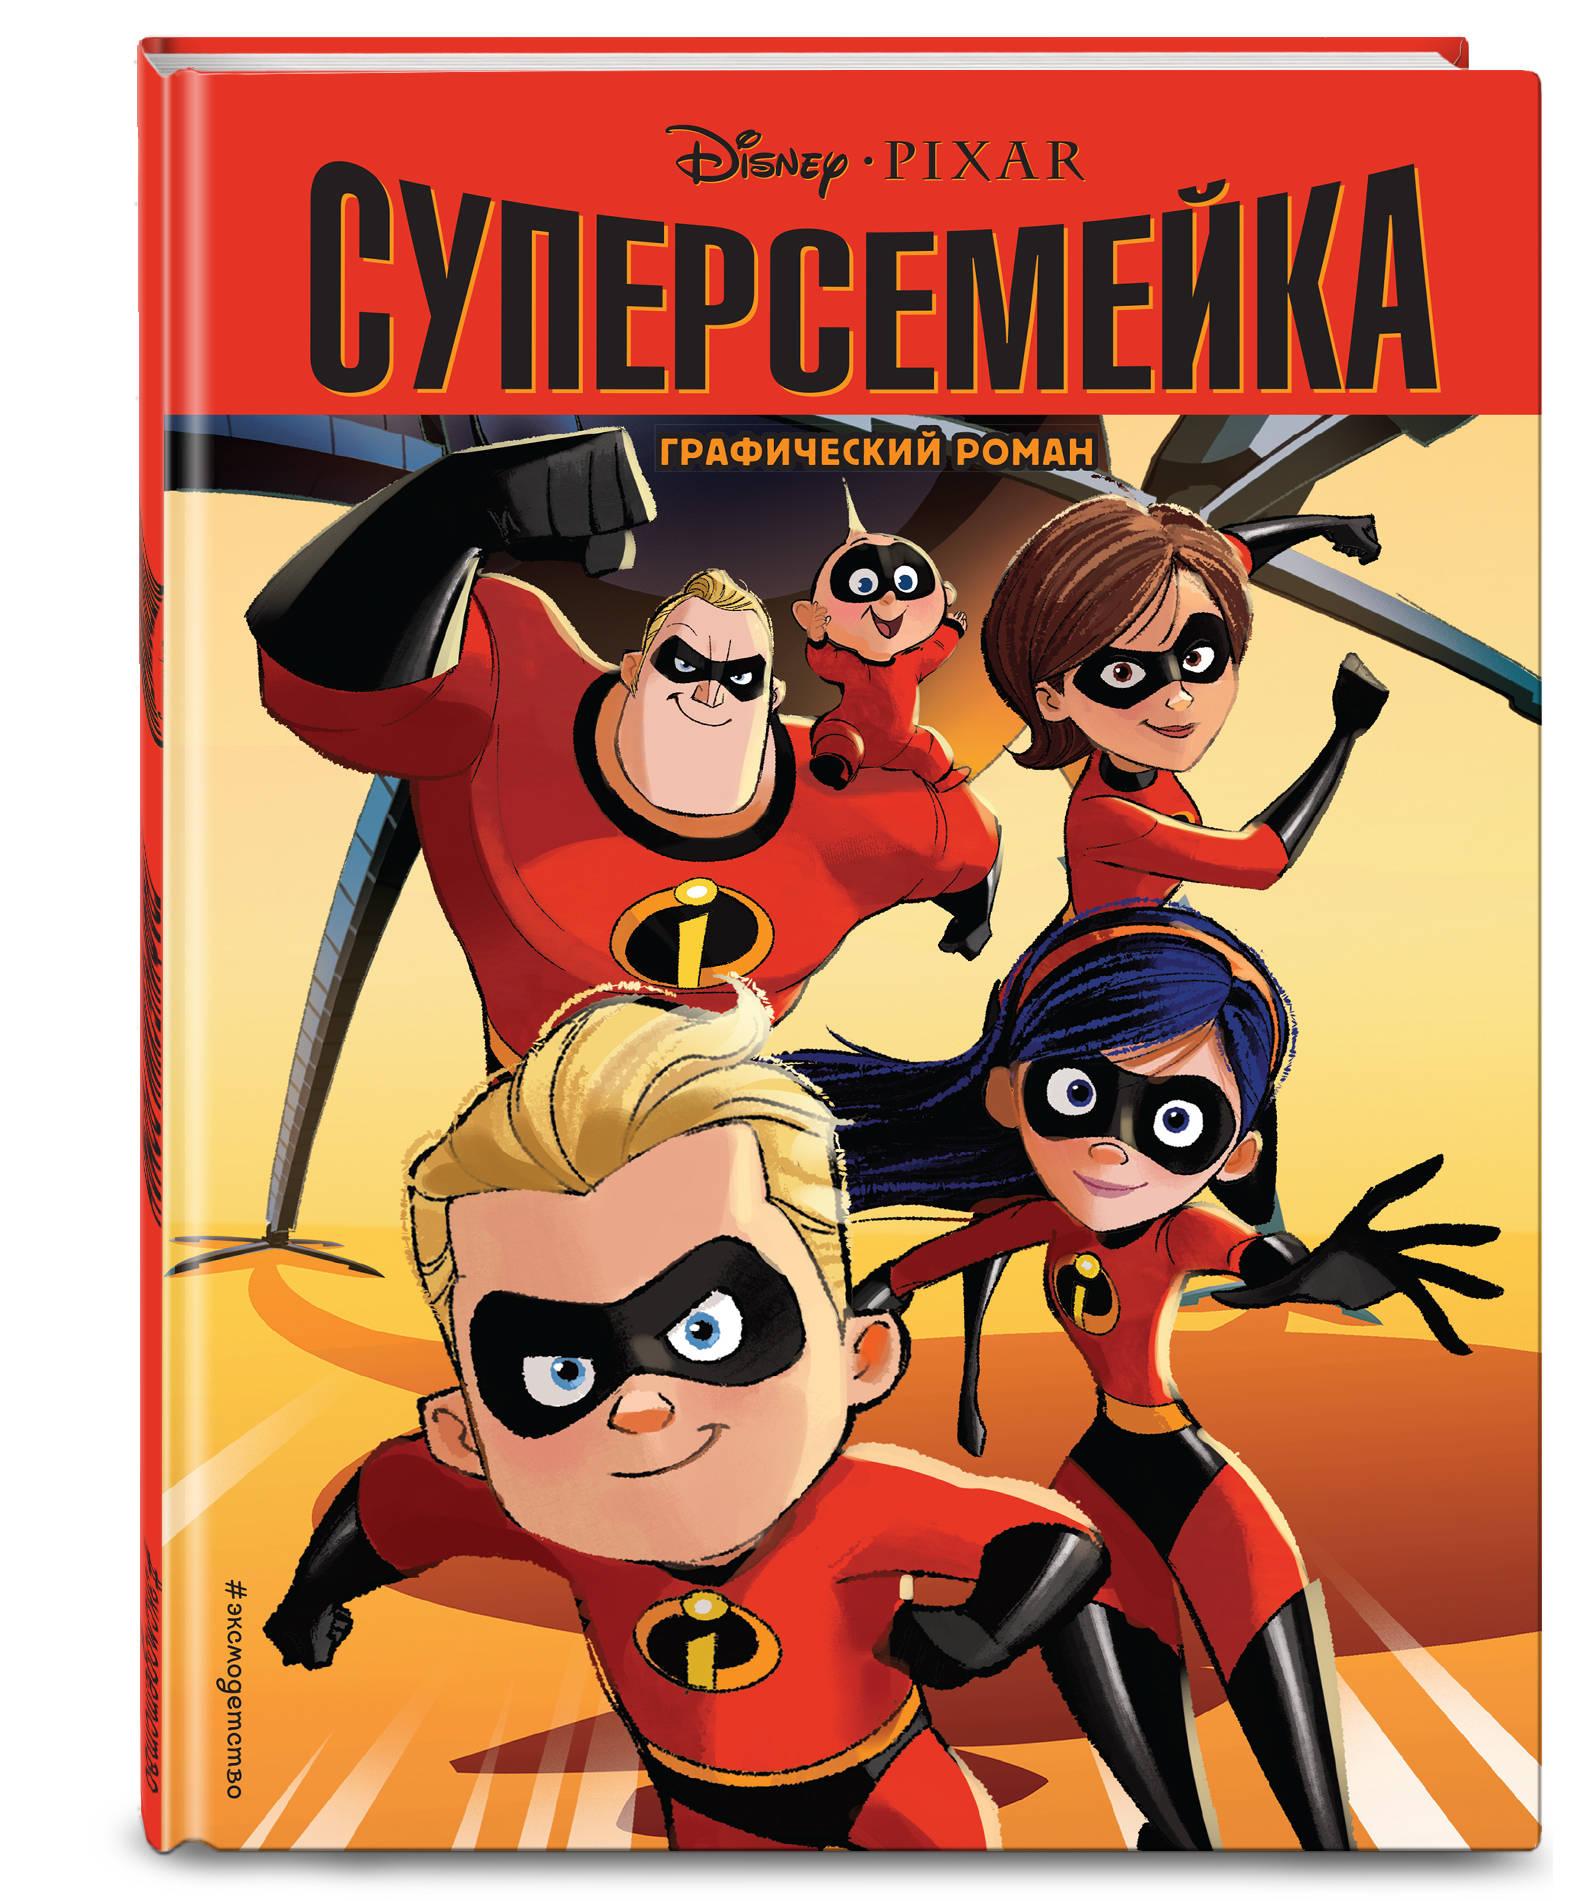 Суперсемейка. Детский графический роман настольная игра hurrican мистер джек в лондоне 700100